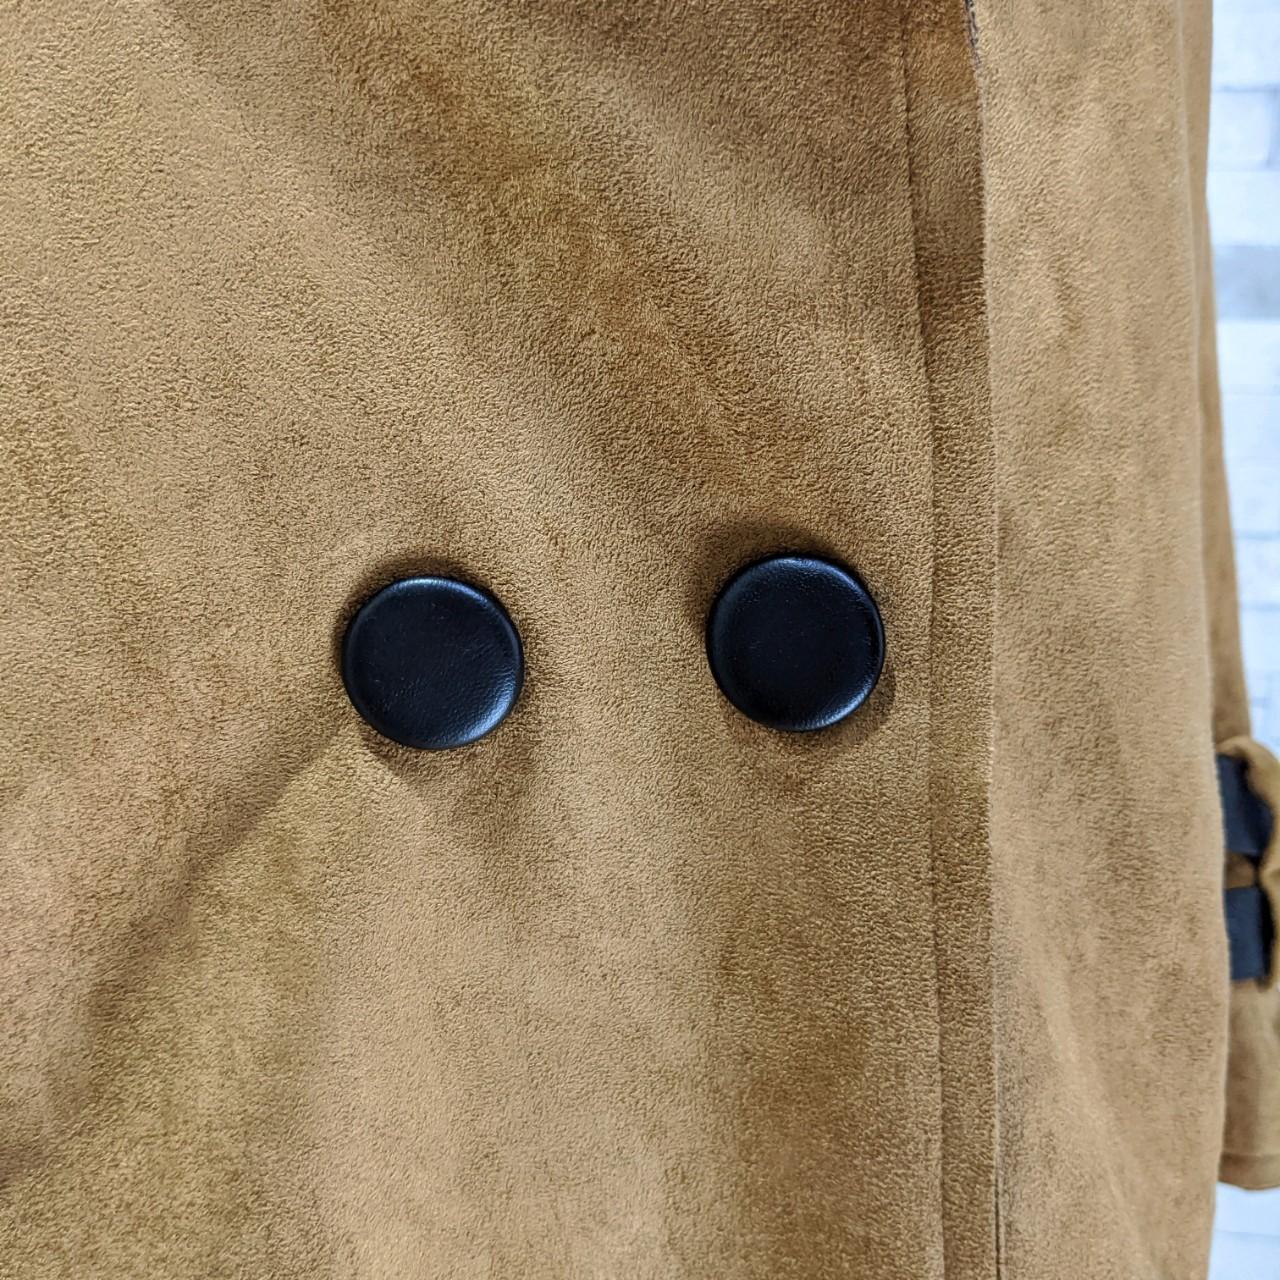 【即納】韓国 ファッション アウター レザージャケット コート 秋 冬 パーティー ブライダル SPTXG910  革ベルト風 エコスエード ジャケット ショート 二次会 セレブ きれいめの写真16枚目